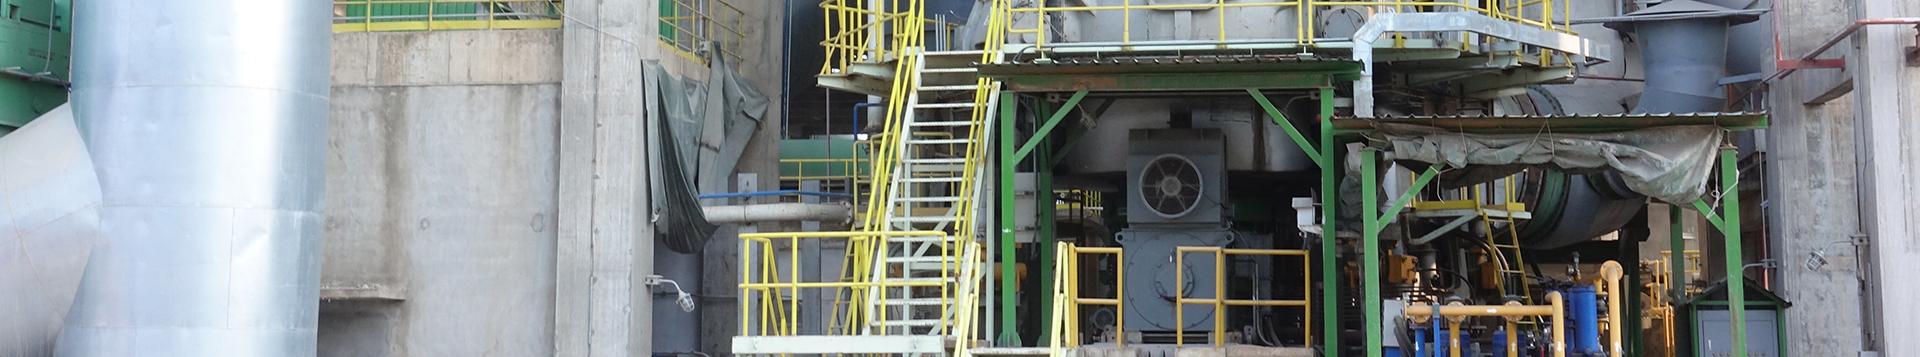 Vertical Roller Mill Drives